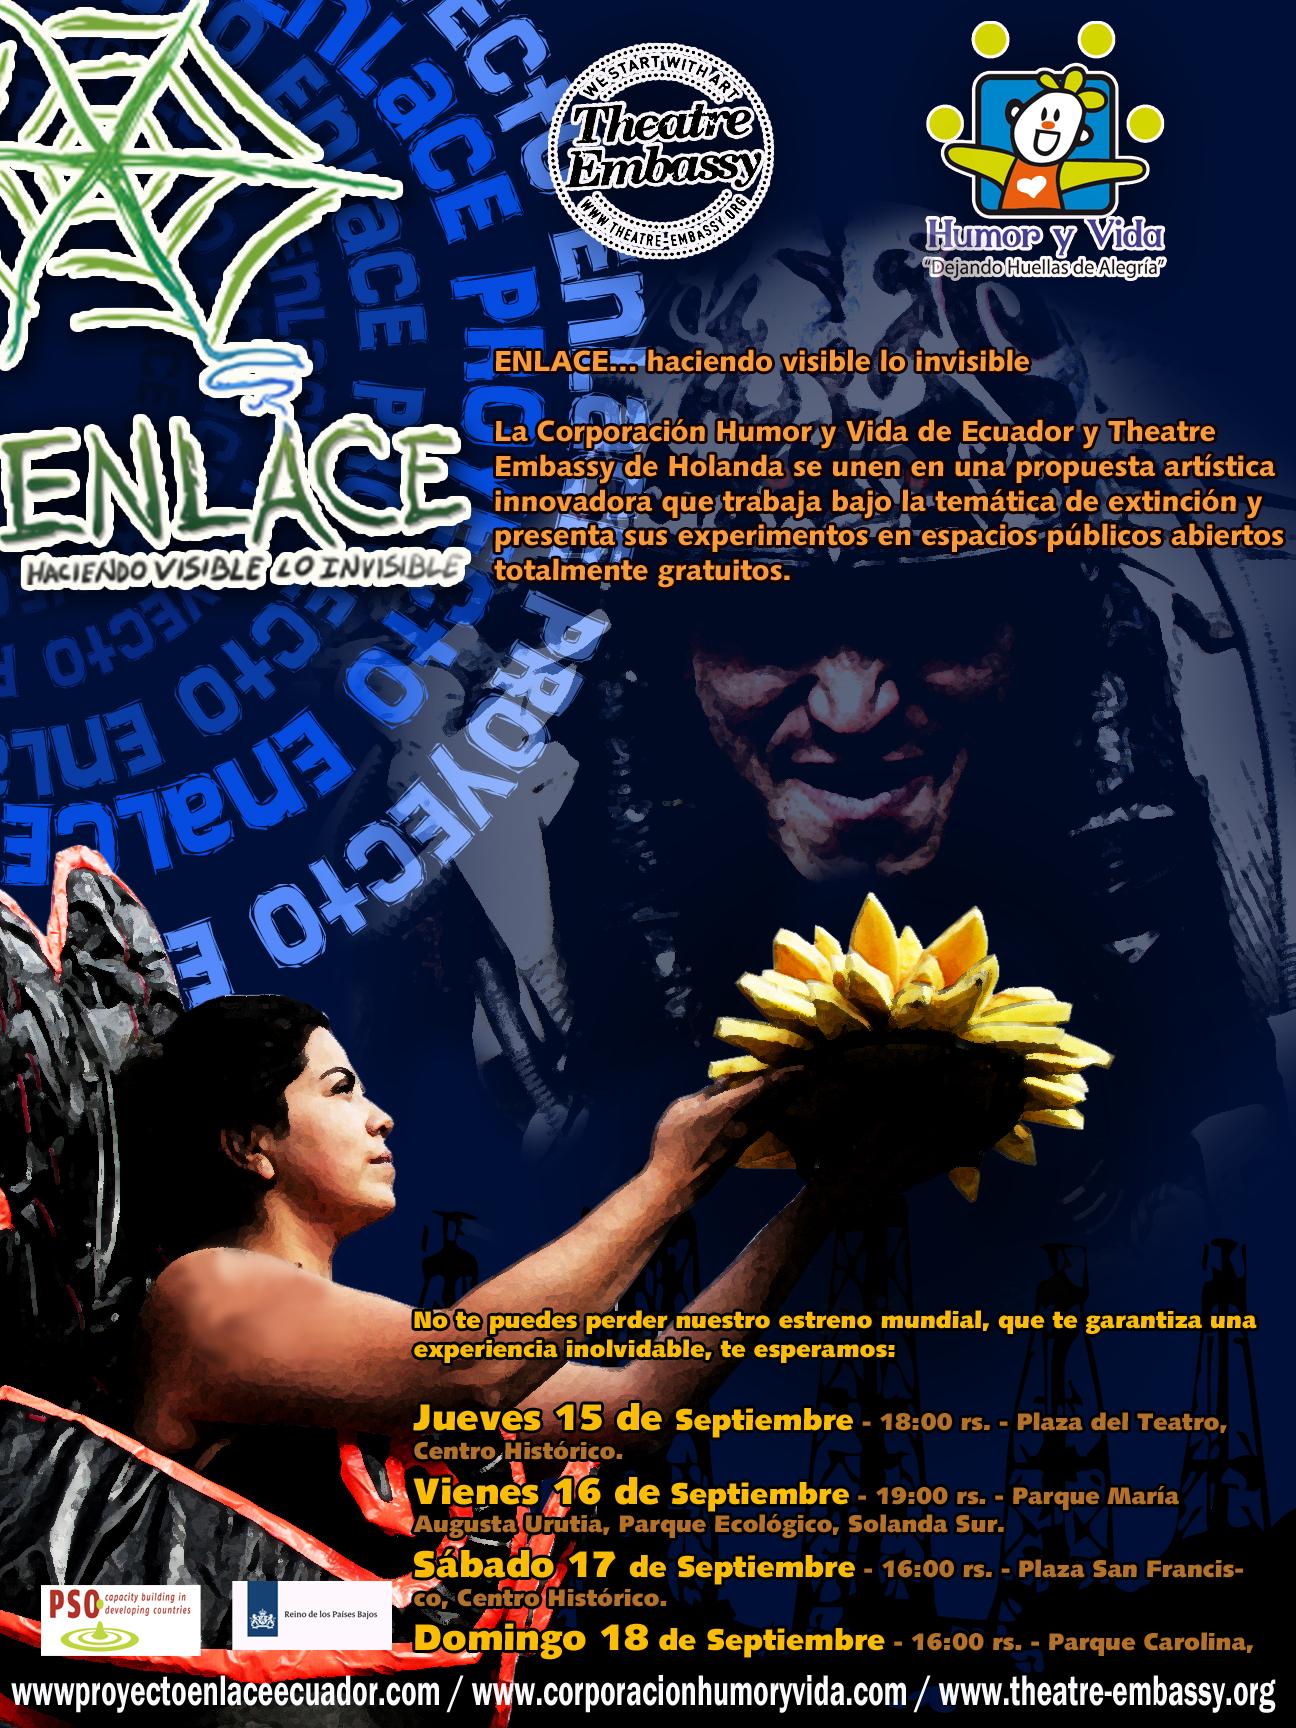 2011_ecuador_poster_enlace_02